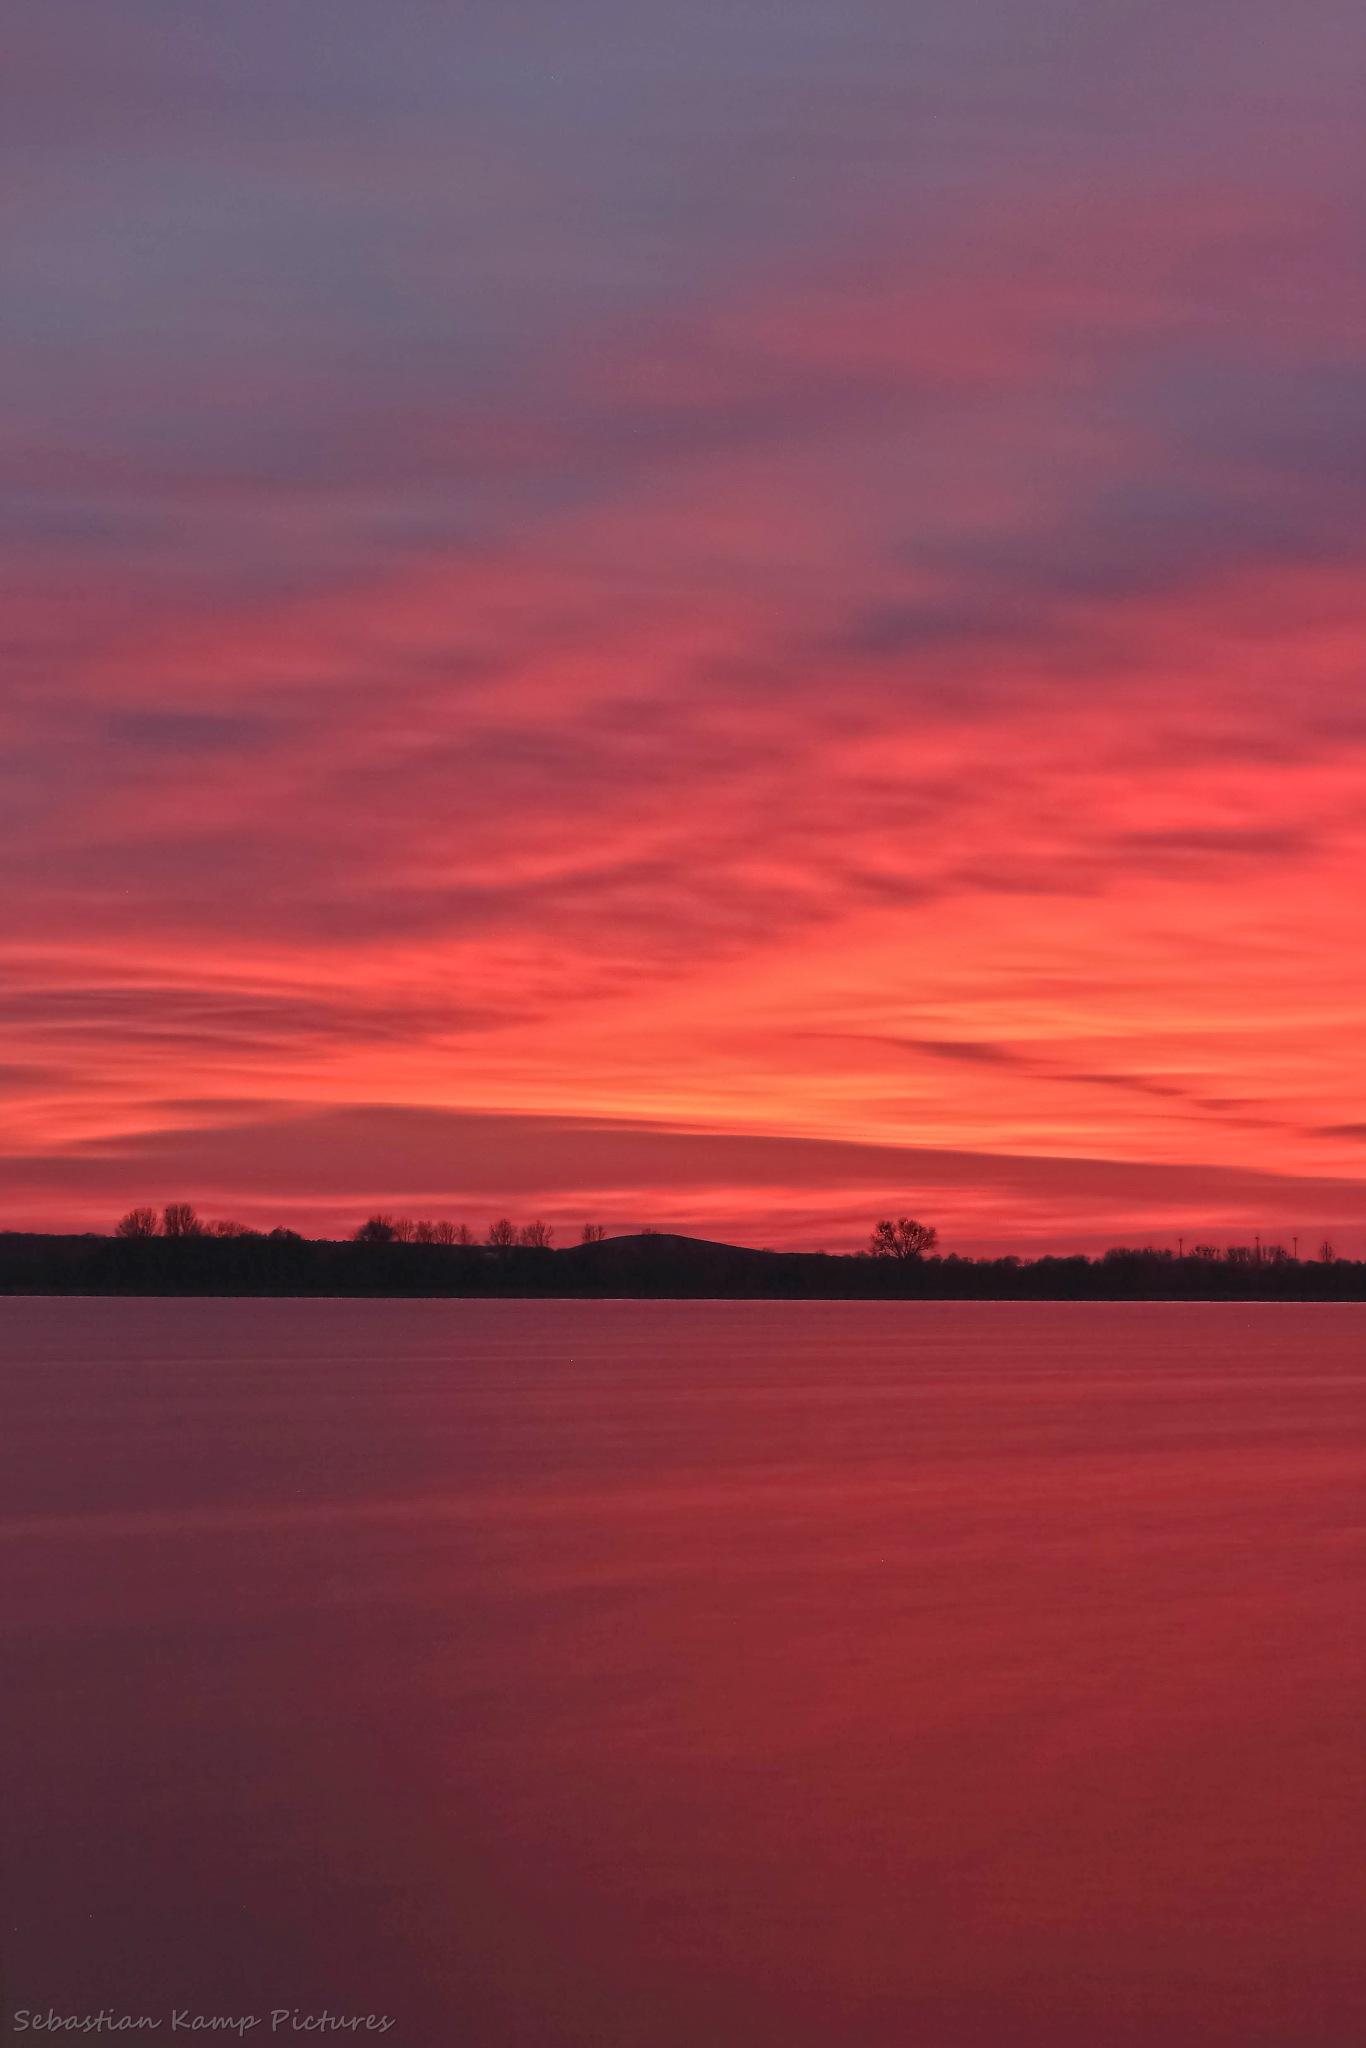 sunset by Sebastian Kamp